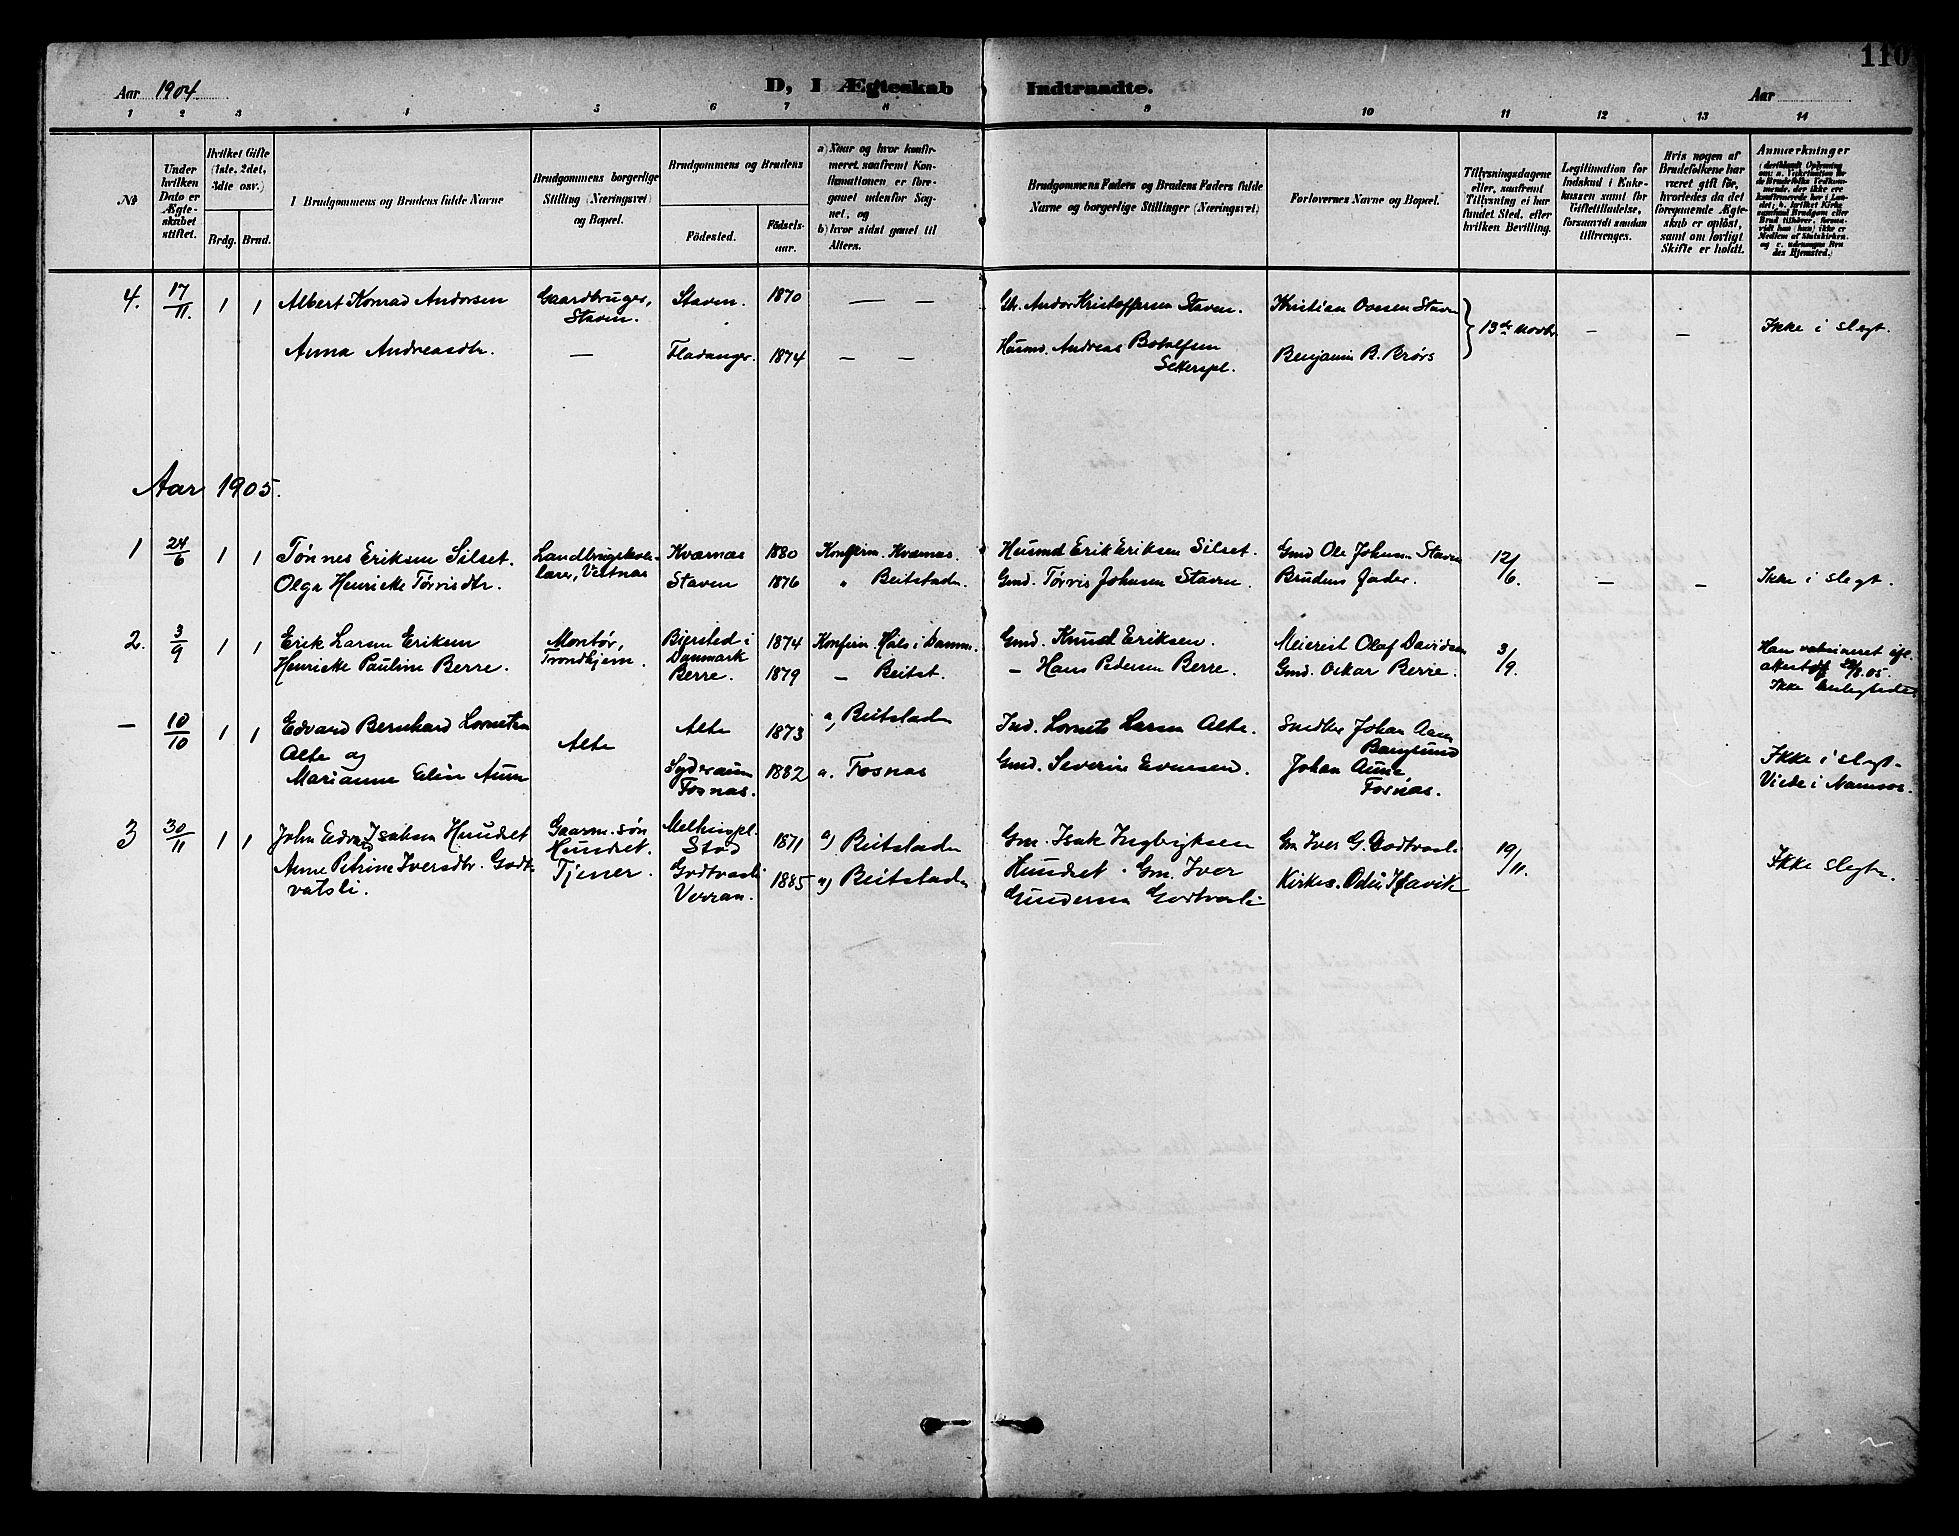 SAT, Ministerialprotokoller, klokkerbøker og fødselsregistre - Nord-Trøndelag, 742/L0412: Klokkerbok nr. 742C03, 1898-1910, s. 110